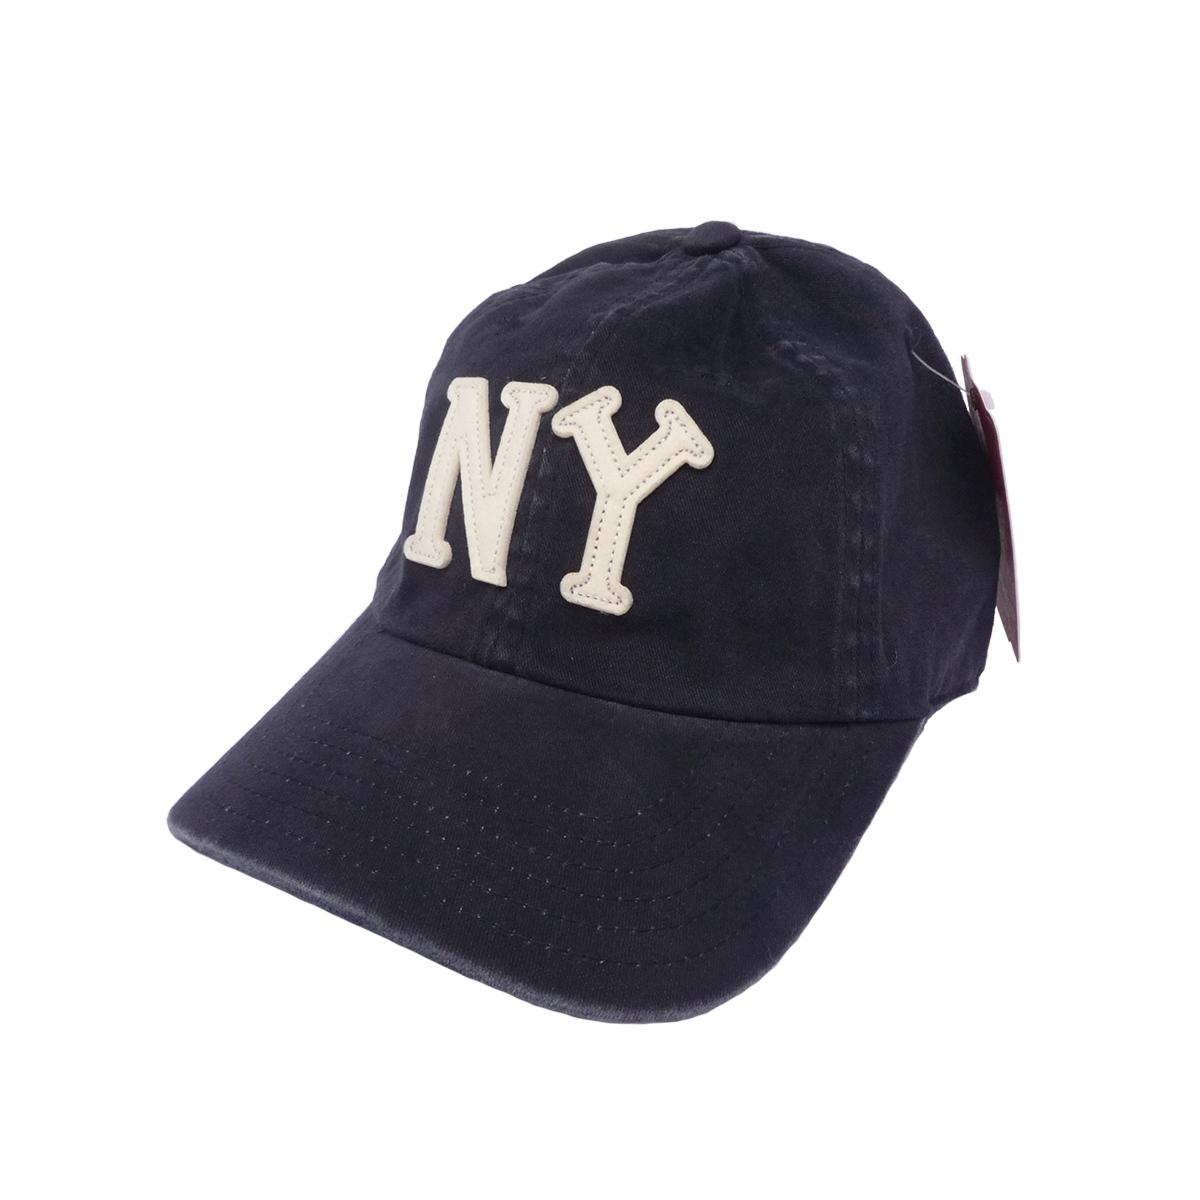 画像1: AMERICAN NEEDLE アメリカンニードル キャップ ARCHIVE CAP NEW YORK BLACK YANKEES NAVY メンズ/レディース (1)